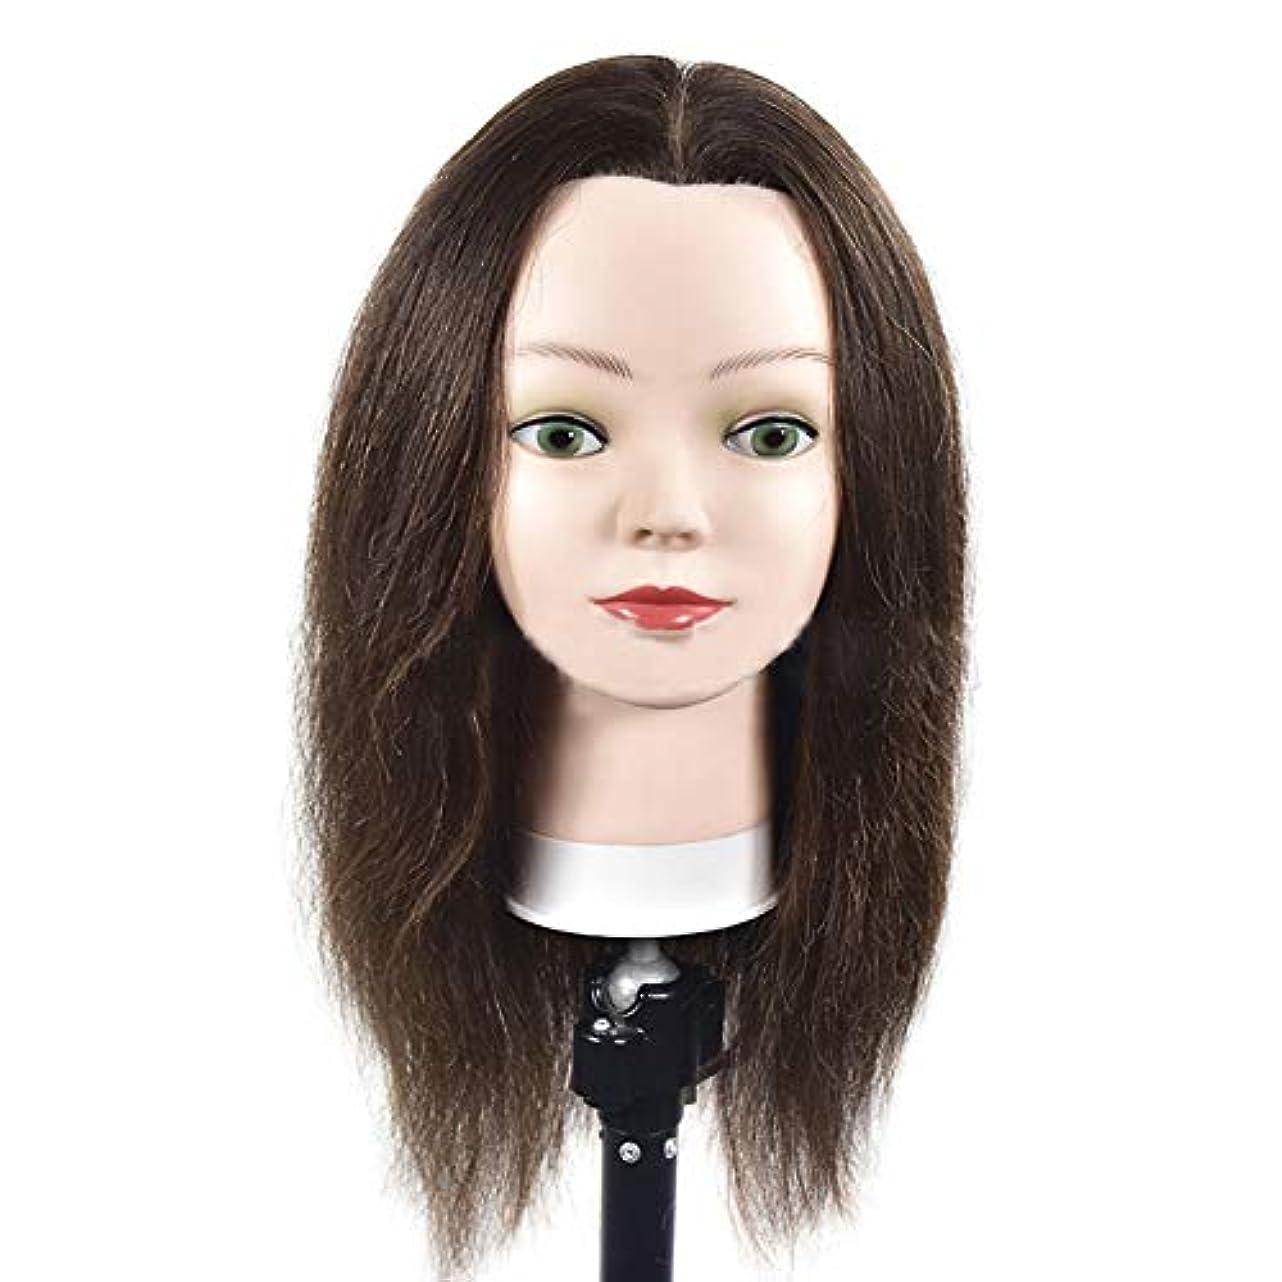 マット流出最終サロン髪編組理髪指導ヘッドスタイリング散髪ダミーヘッド化粧学習マネキンヘッド